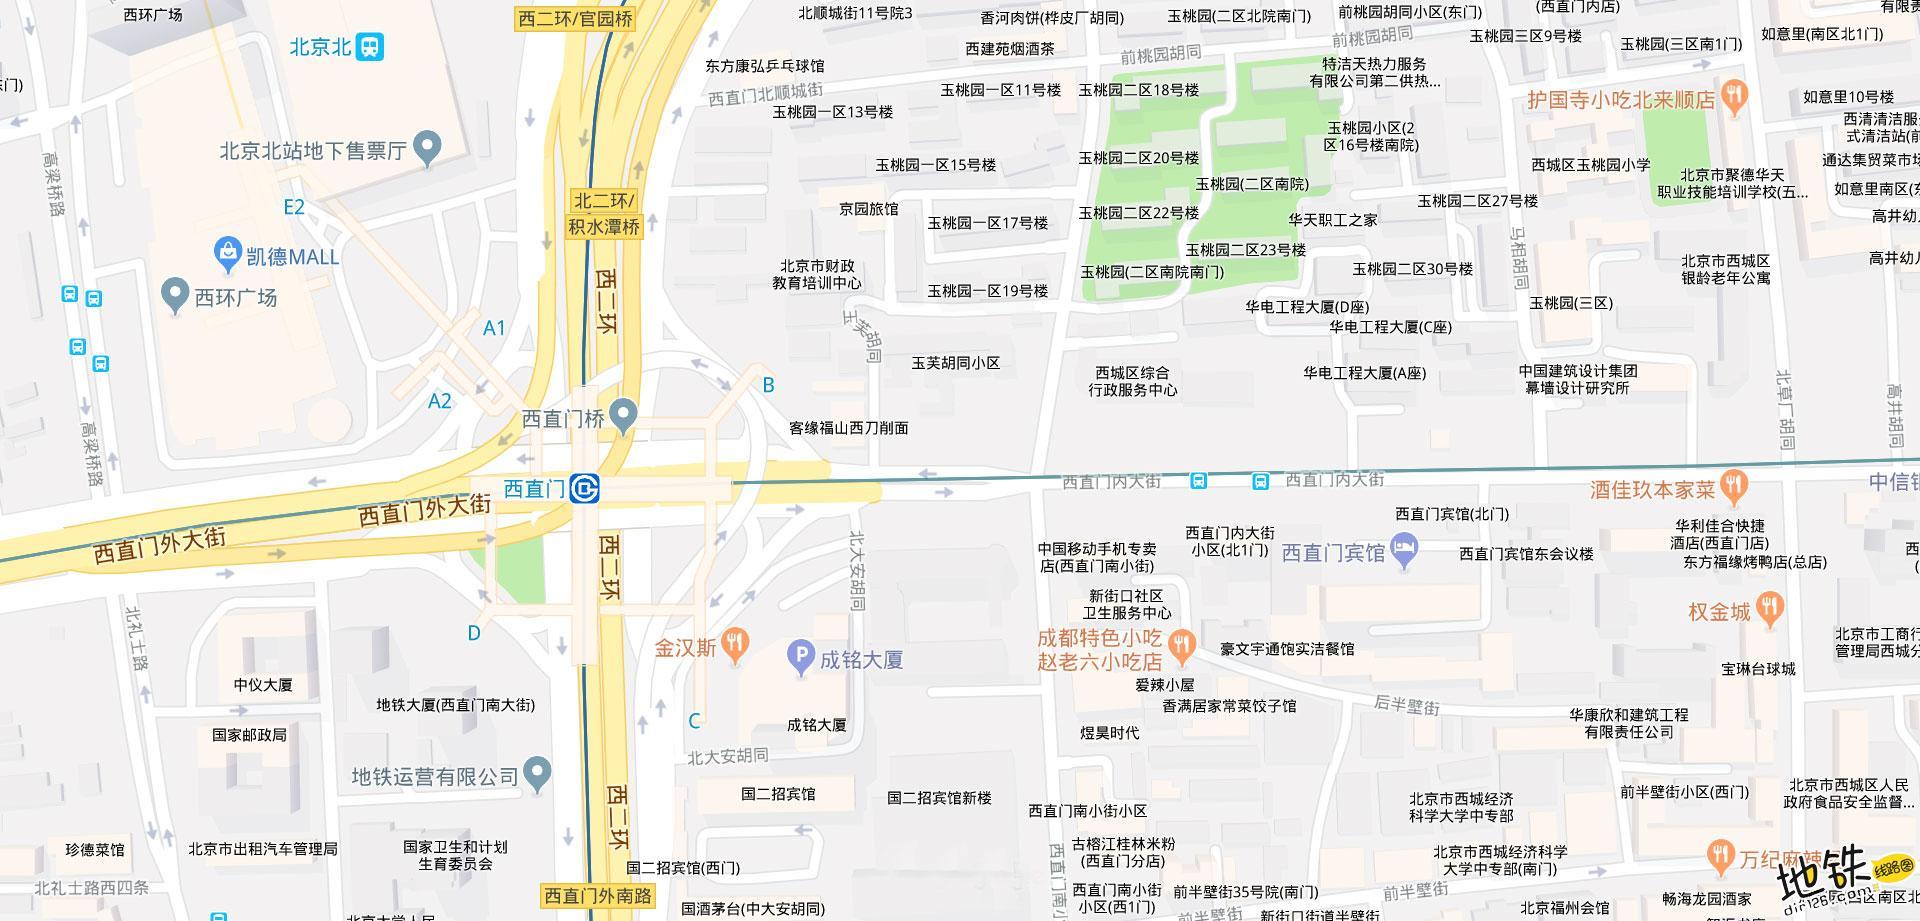 西直门地铁站 北京地铁西直门站出入口 地图信息查询  北京地铁站  第2张